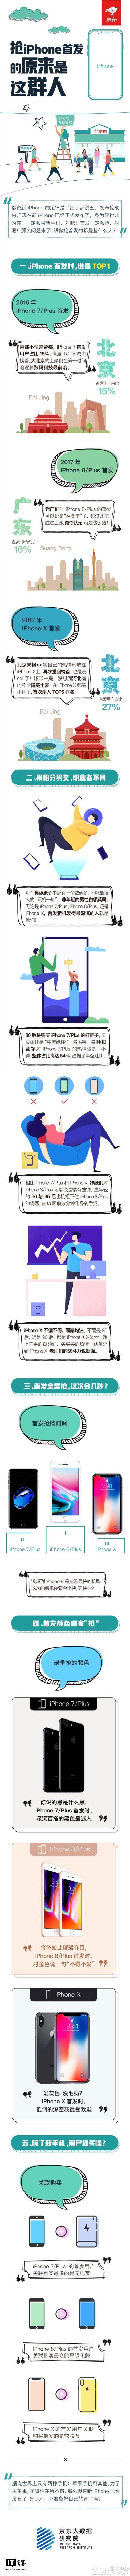 土豪都在那儿?看看苹果iPhone首发谁在抢就知道啦!